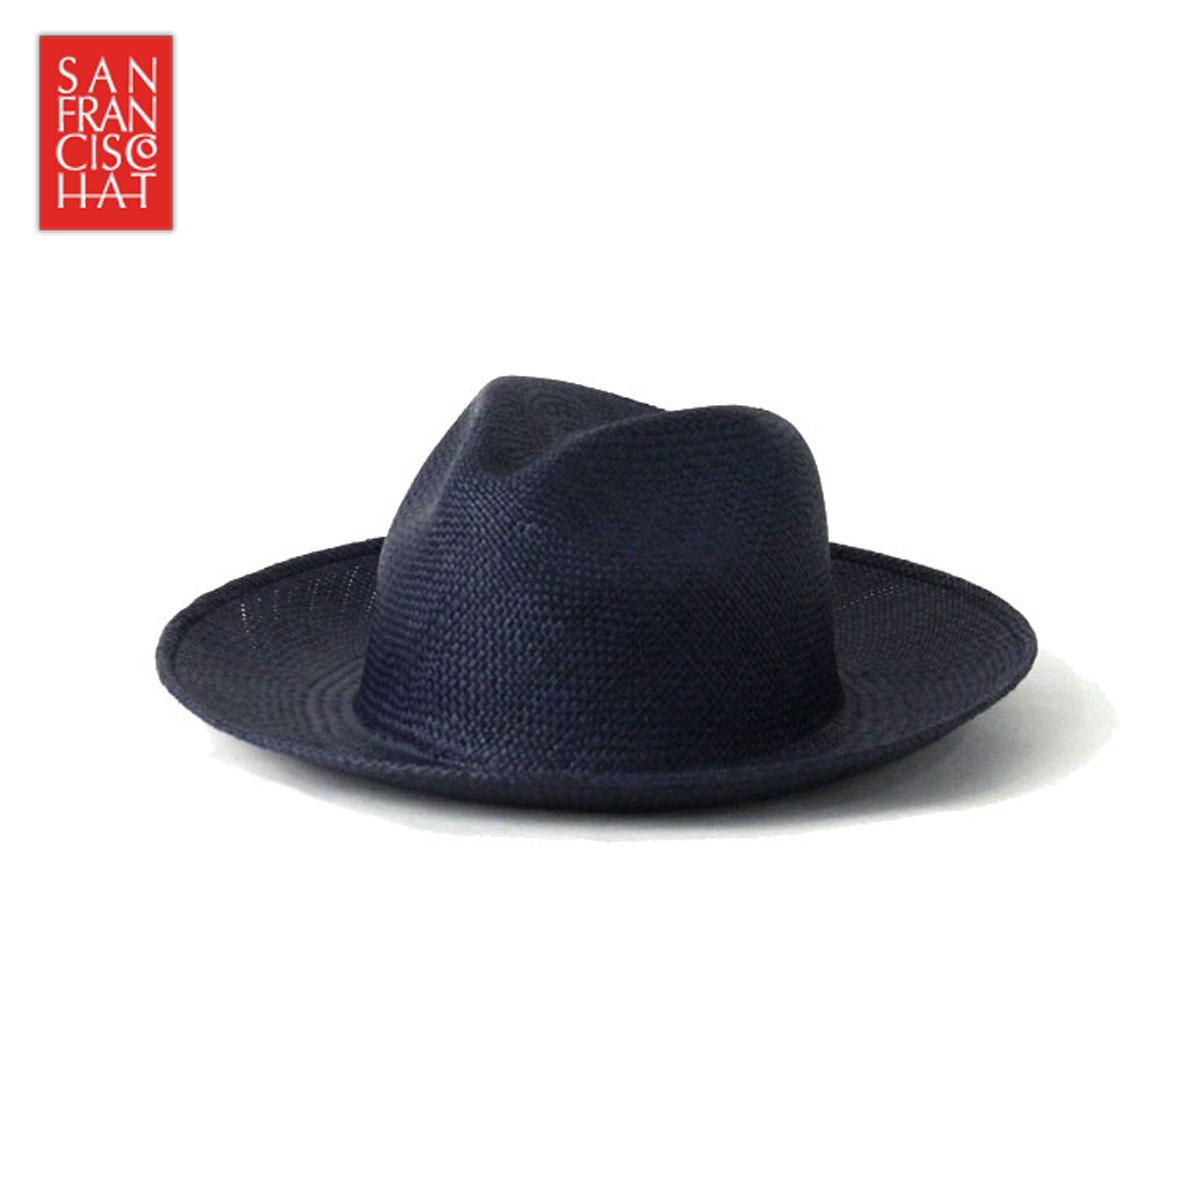 【販売期間 4/2 10:00~4/8 09:59】 サンフランシスコハット SANFRANCISC HAT 正規販売店 正規品 帽子 ハット BRISA FEDORA 8CM NAVY D15S25